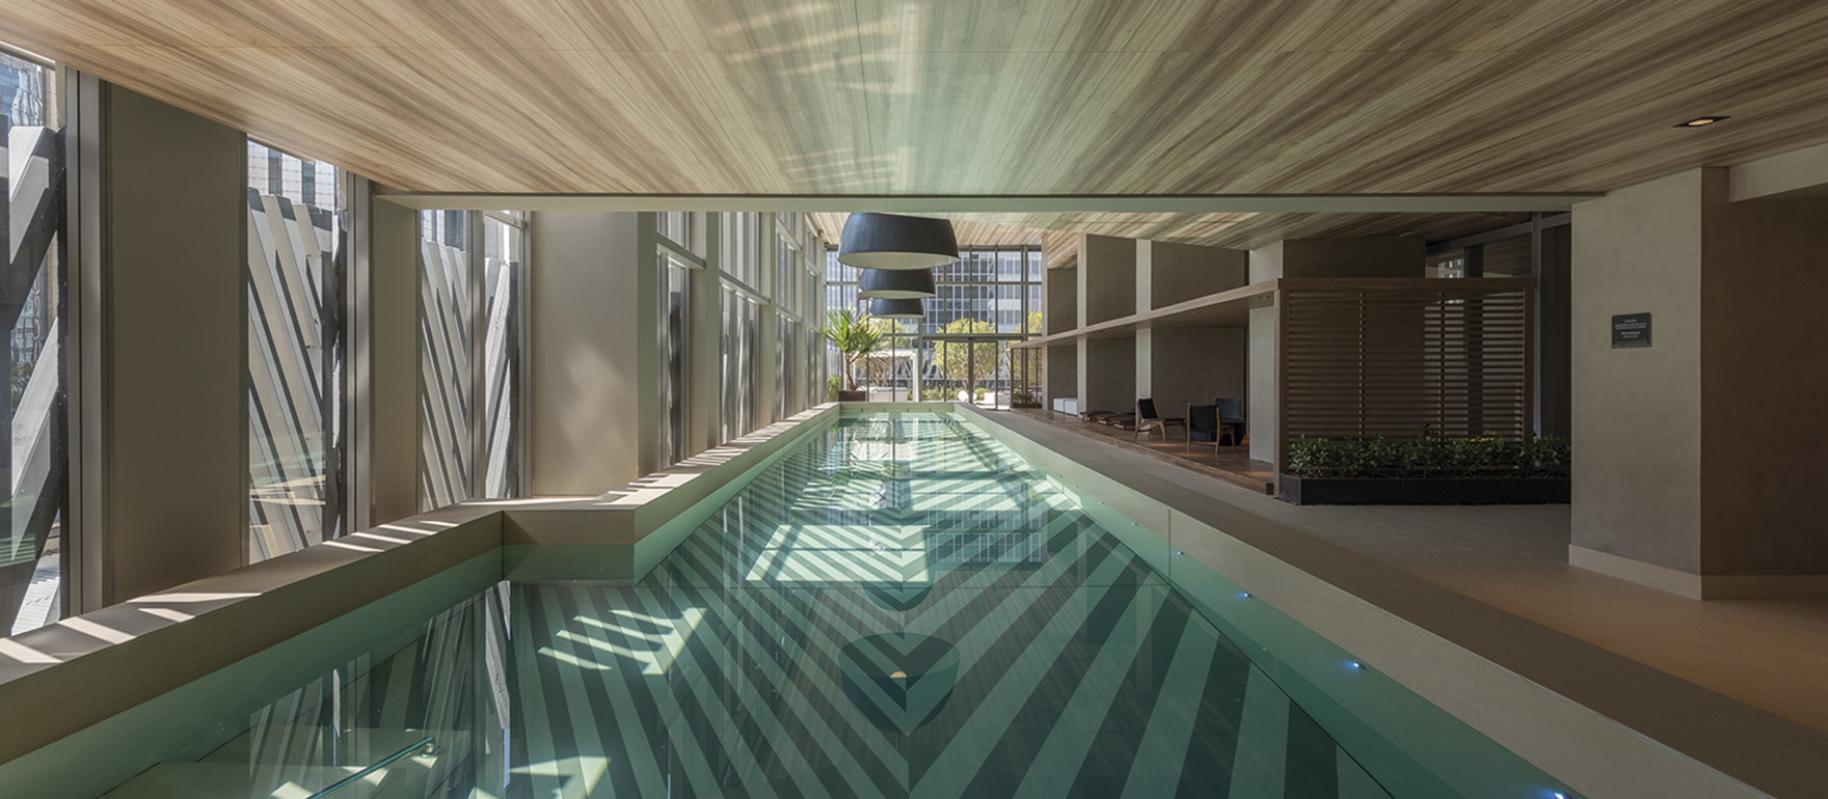 obklad-hotelovy-bazen-keramika.jpg